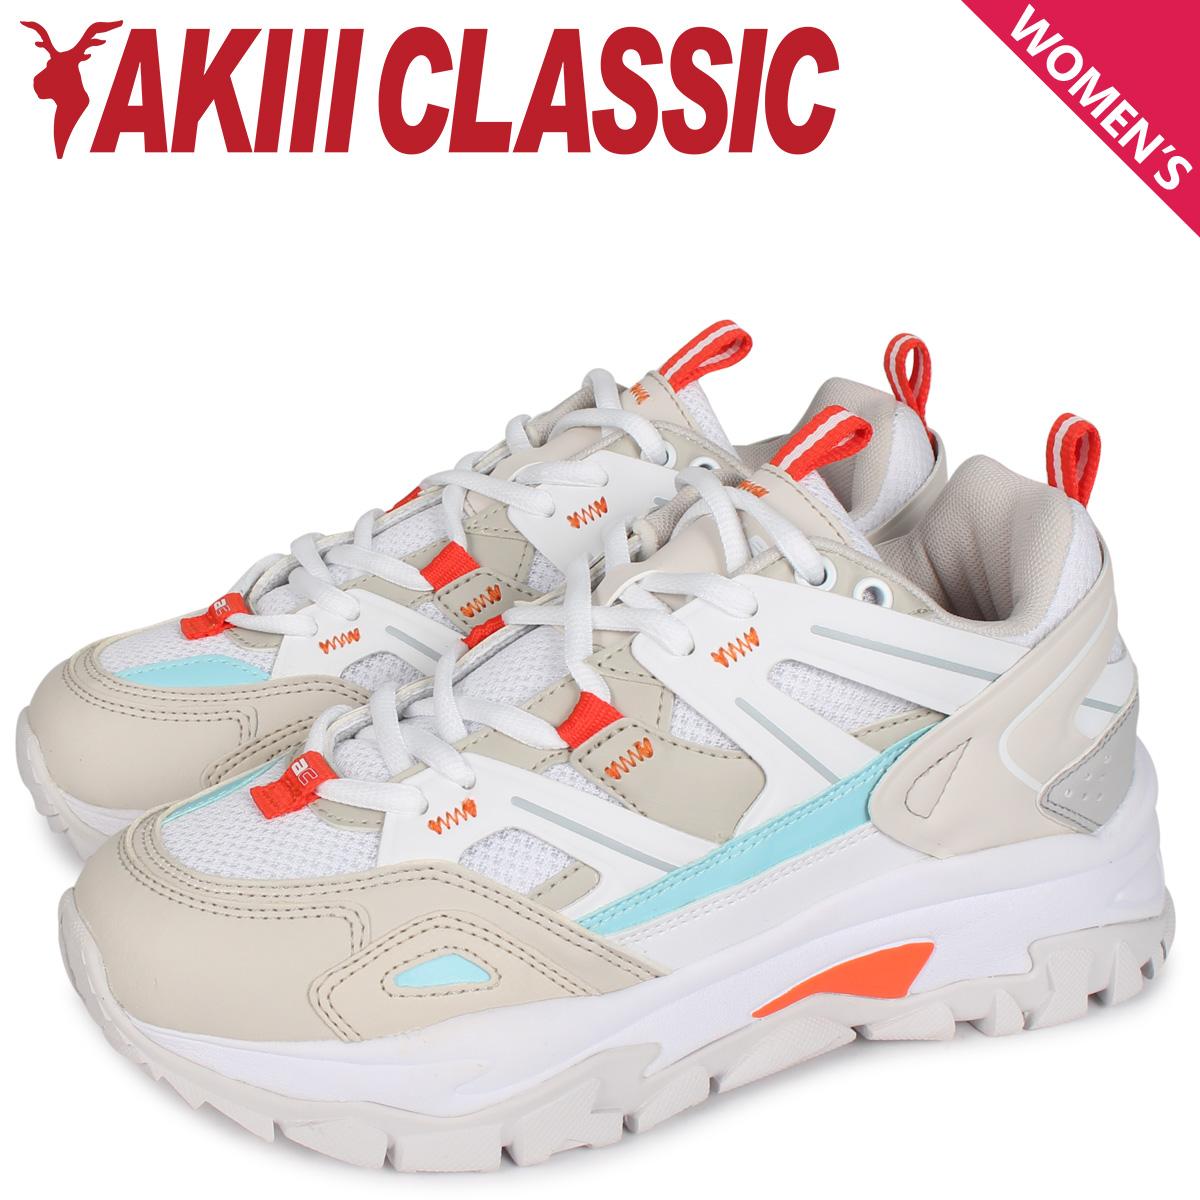 AKIII CLASSIC アキクラシック ランブル スニーカー ダッドシューズ レディース 厚底 RUMBLE ホワイト 白 AKC0001 [4/10 新入荷]